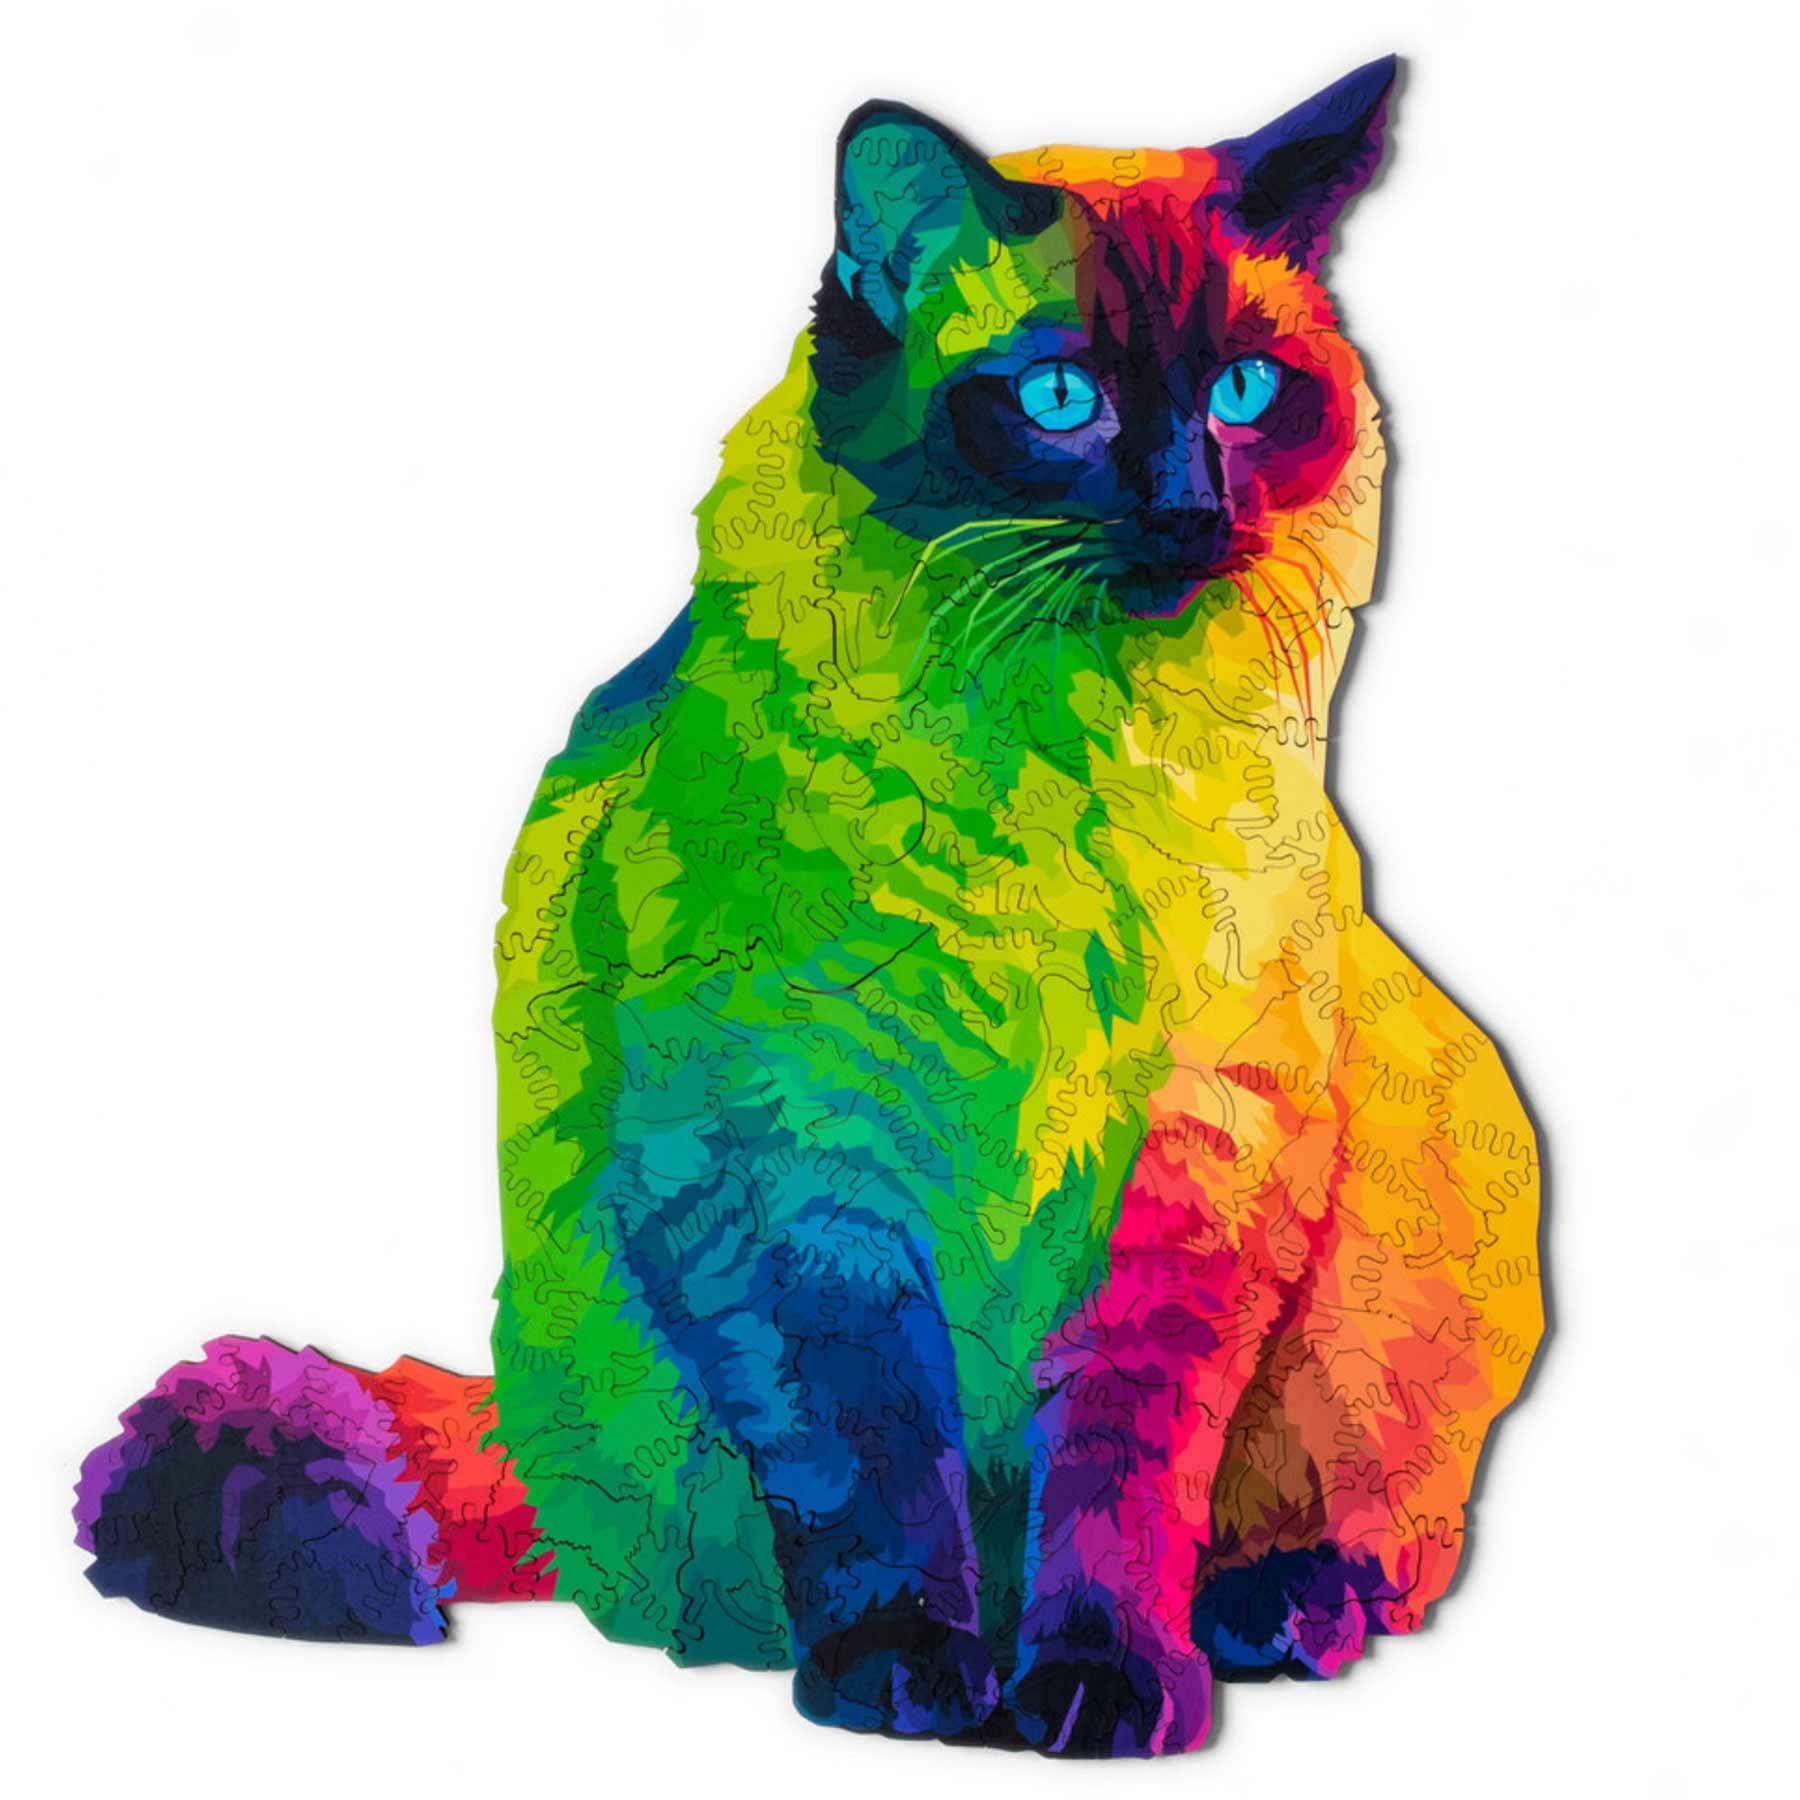 Puzzle aus vielen kleinen Katzenstücken ergibt eine große Katze herding-cats-puzzle_02